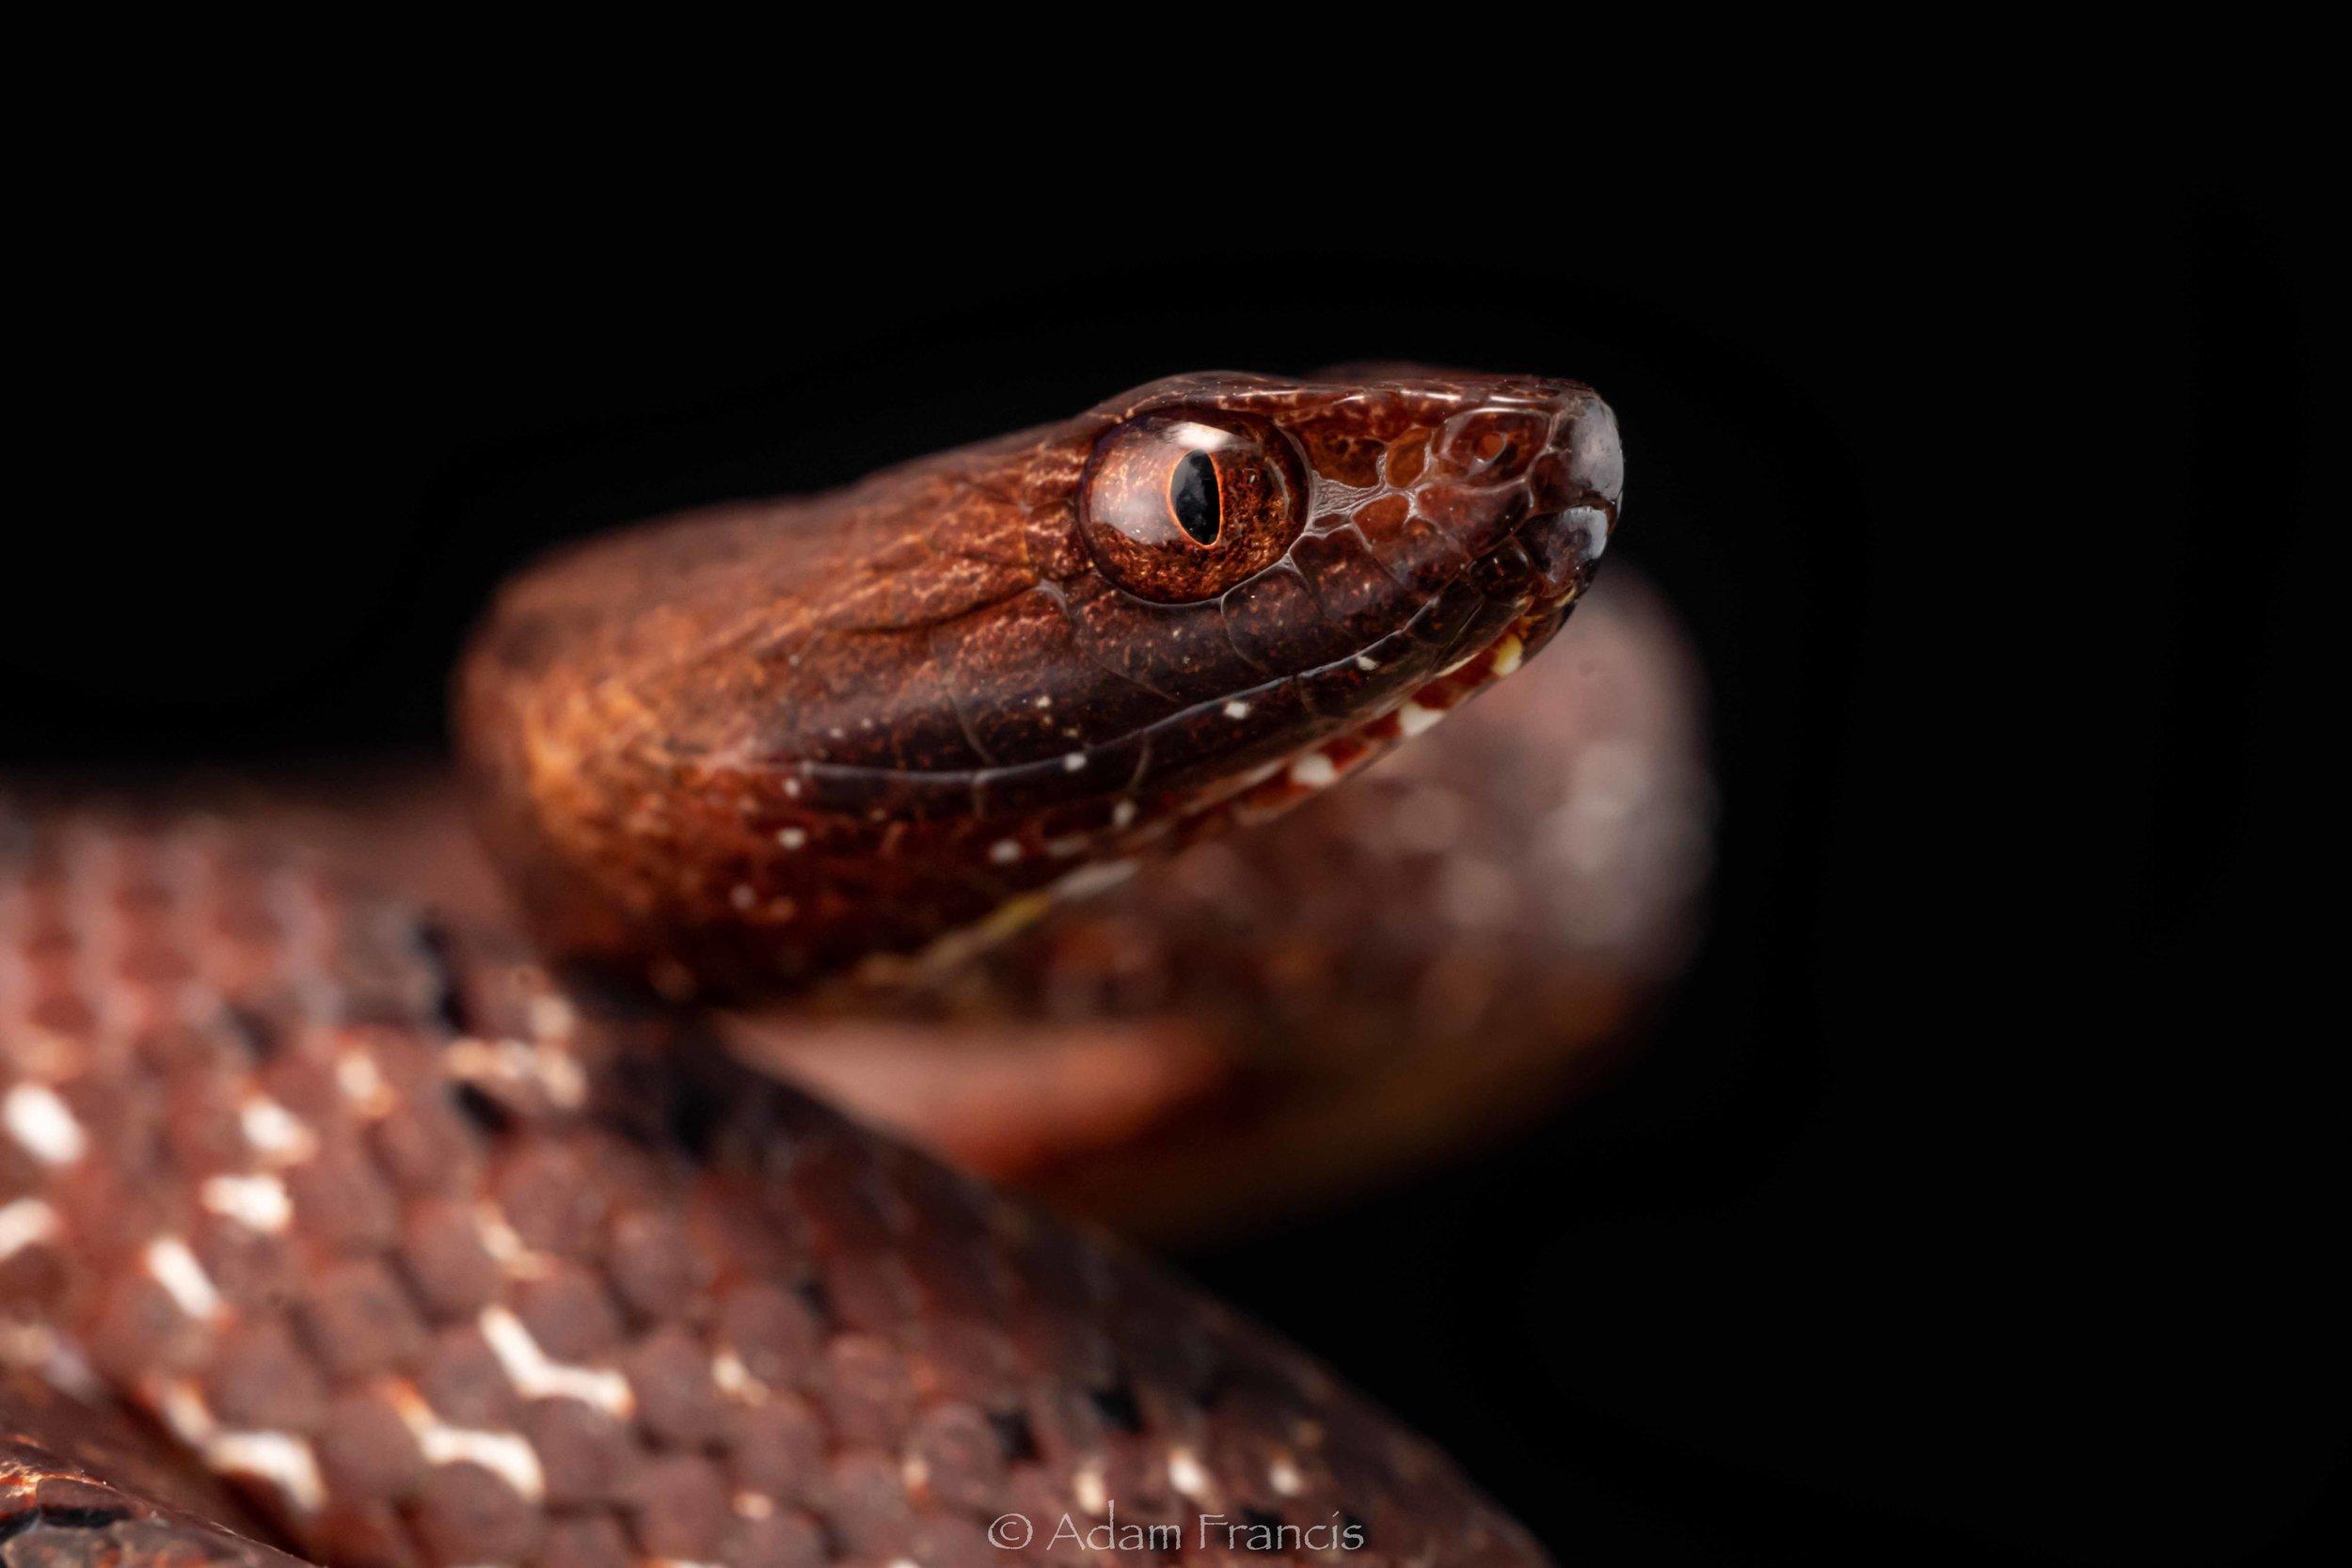 Mock Viper - Psammodynastes pulverulentus